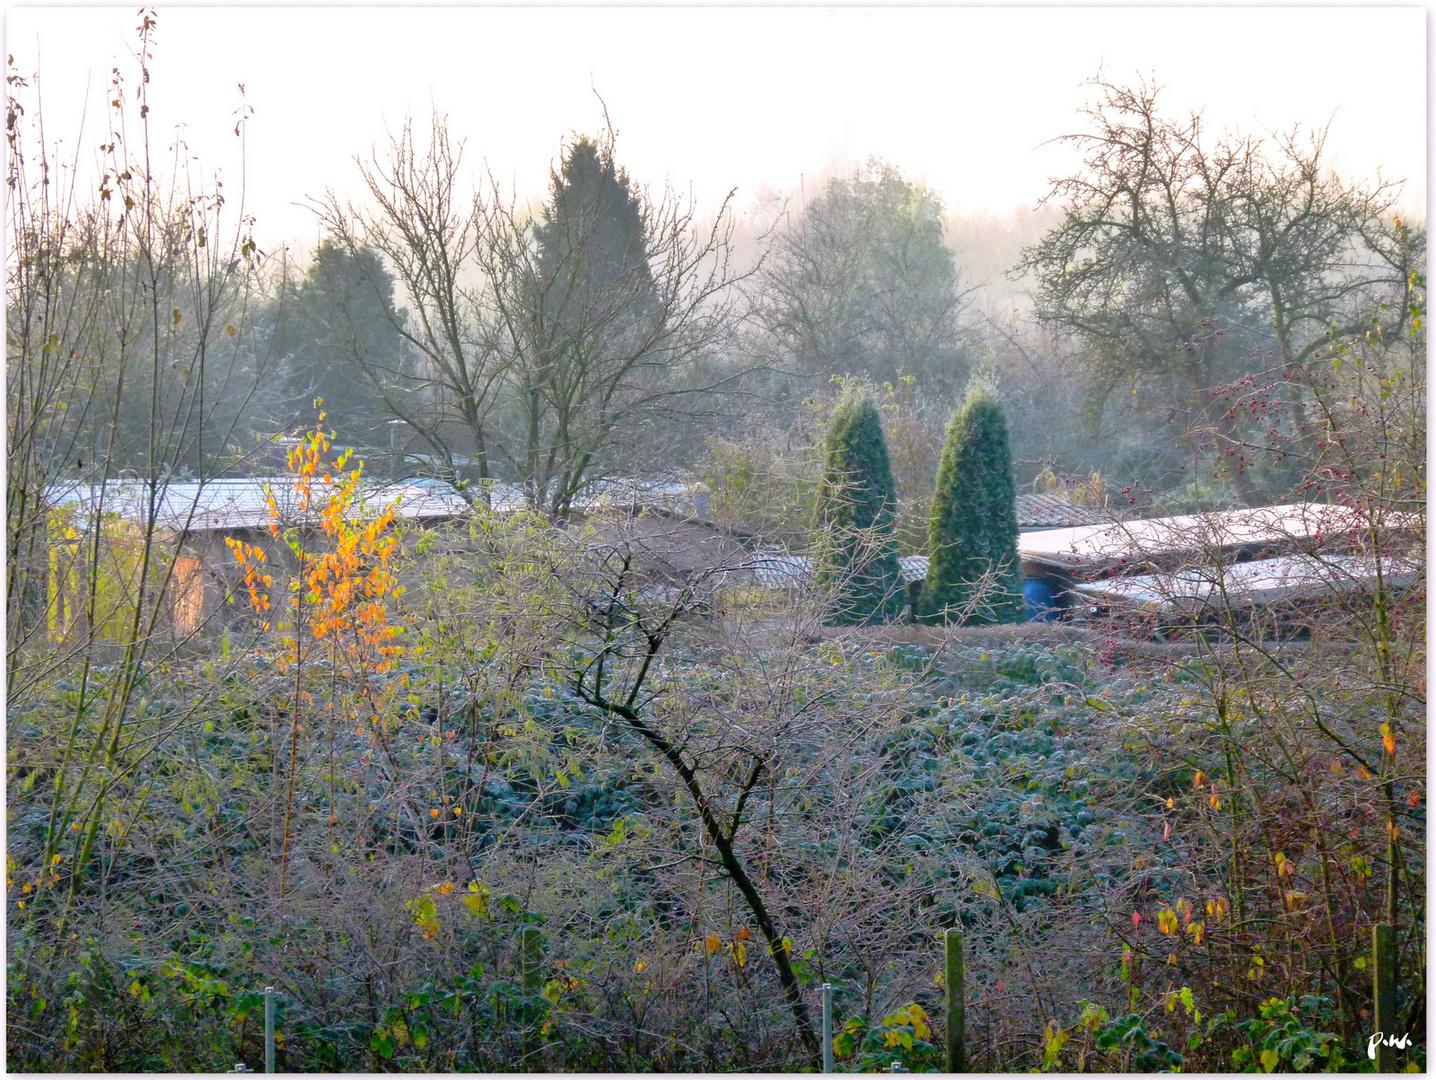 Nebel, Raureif und ein bißchen Sonne